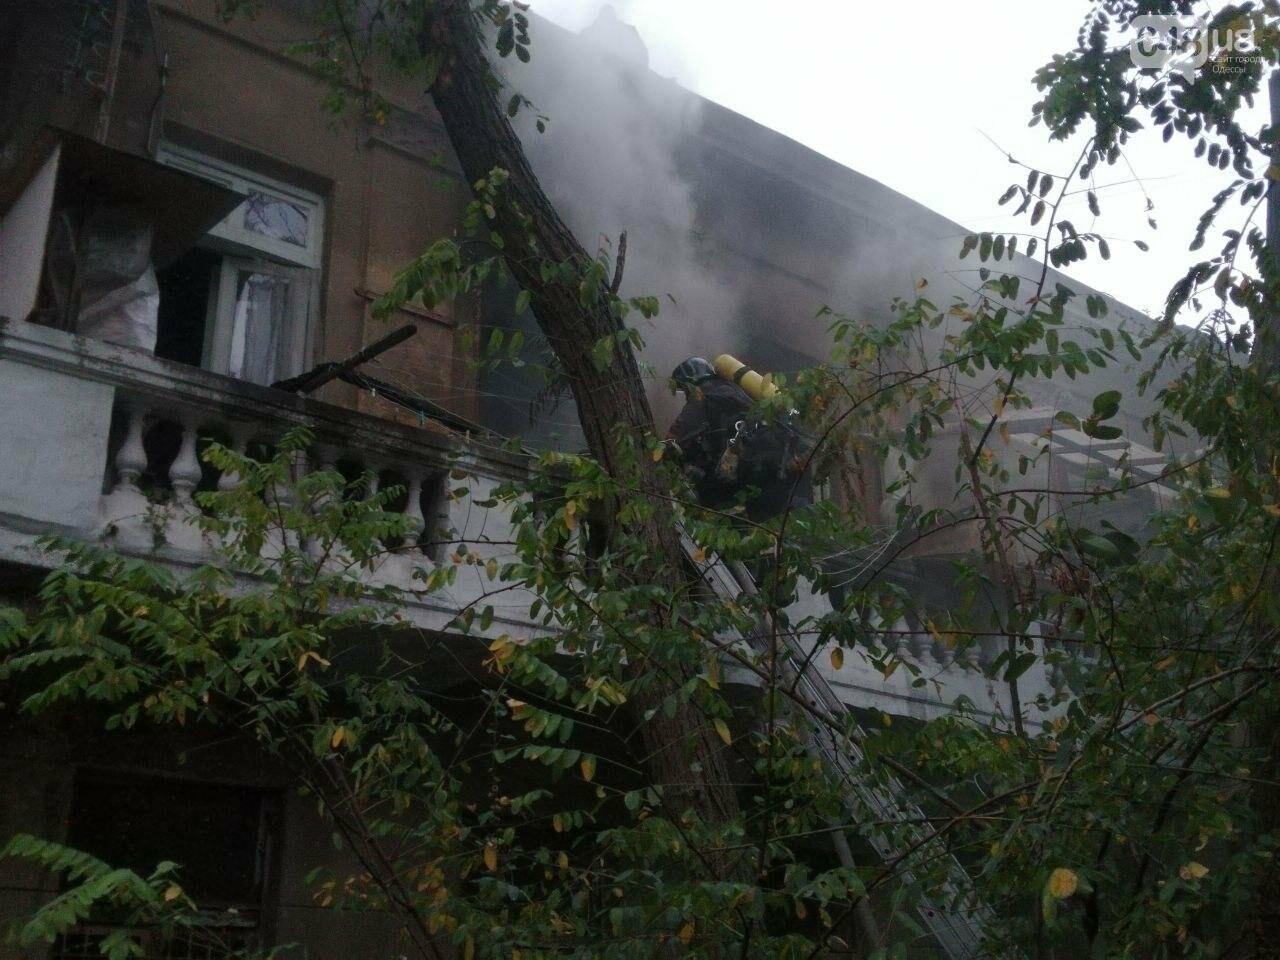 Пресс-служба ГСЧС в Одесской области., Пожар в общежитии Одесской киностудии.2